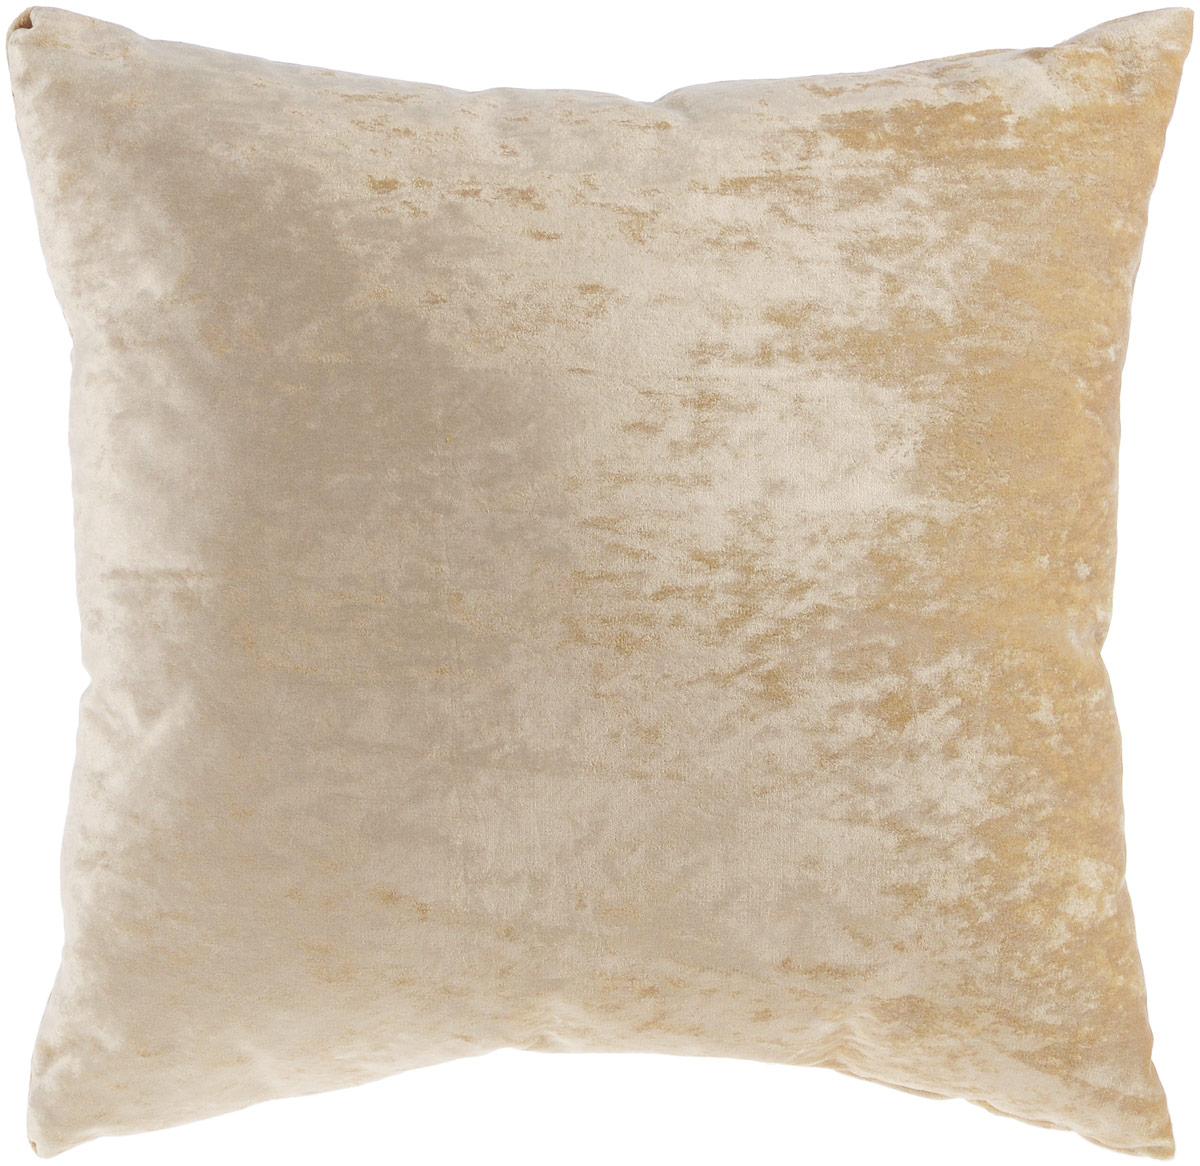 Подушка декоративная KauffOrt Бархат, цвет: бежевый, 40 x 40 см17102018Декоративная подушка Бархат прекрасно дополнит интерьер спальни или гостиной. Бархатистый на ощупь чехол подушки выполнен из 49% вискозы, 42% хлопка и 9% полиэстера. Внутри находится мягкий наполнитель. Чехол легко снимается благодаря потайной молнии.Красивая подушка создаст атмосферу уюта и комфорта в спальне и станет прекрасным элементом декора.